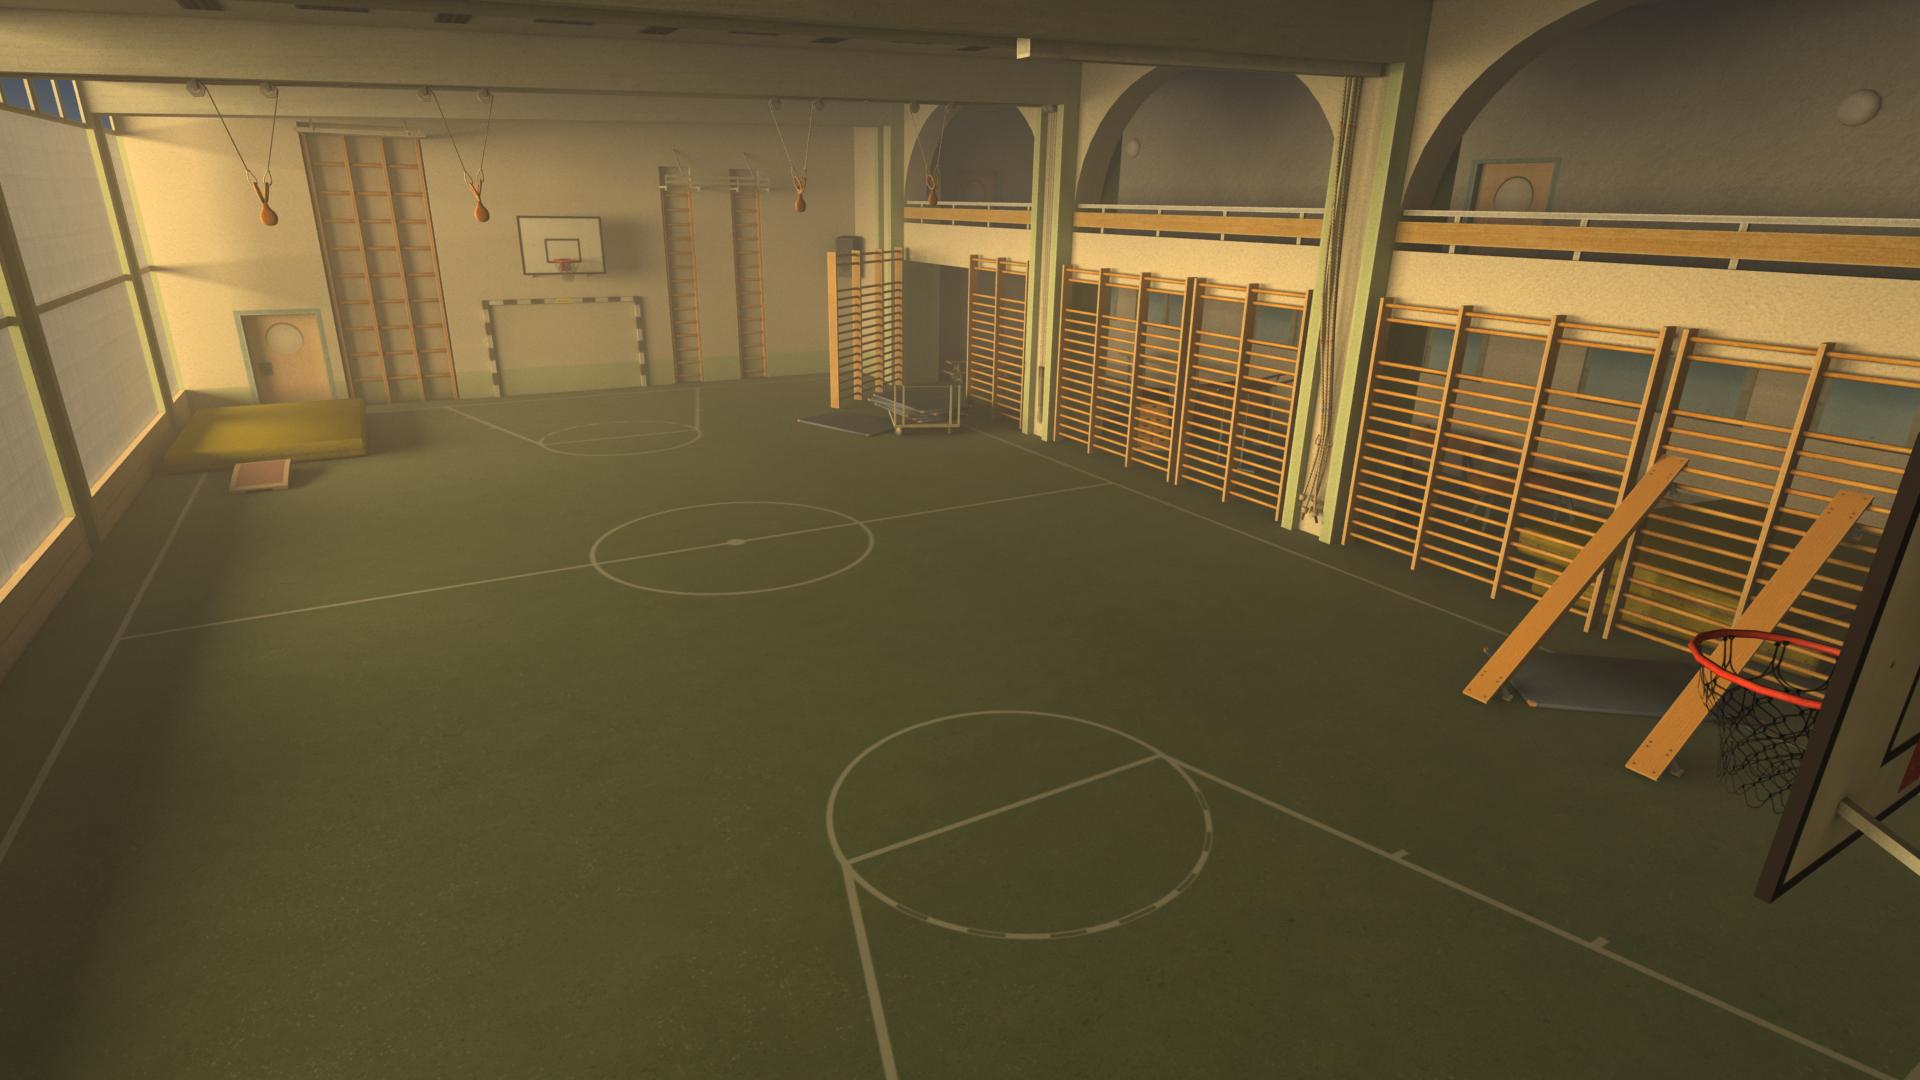 3D, Gym Hall